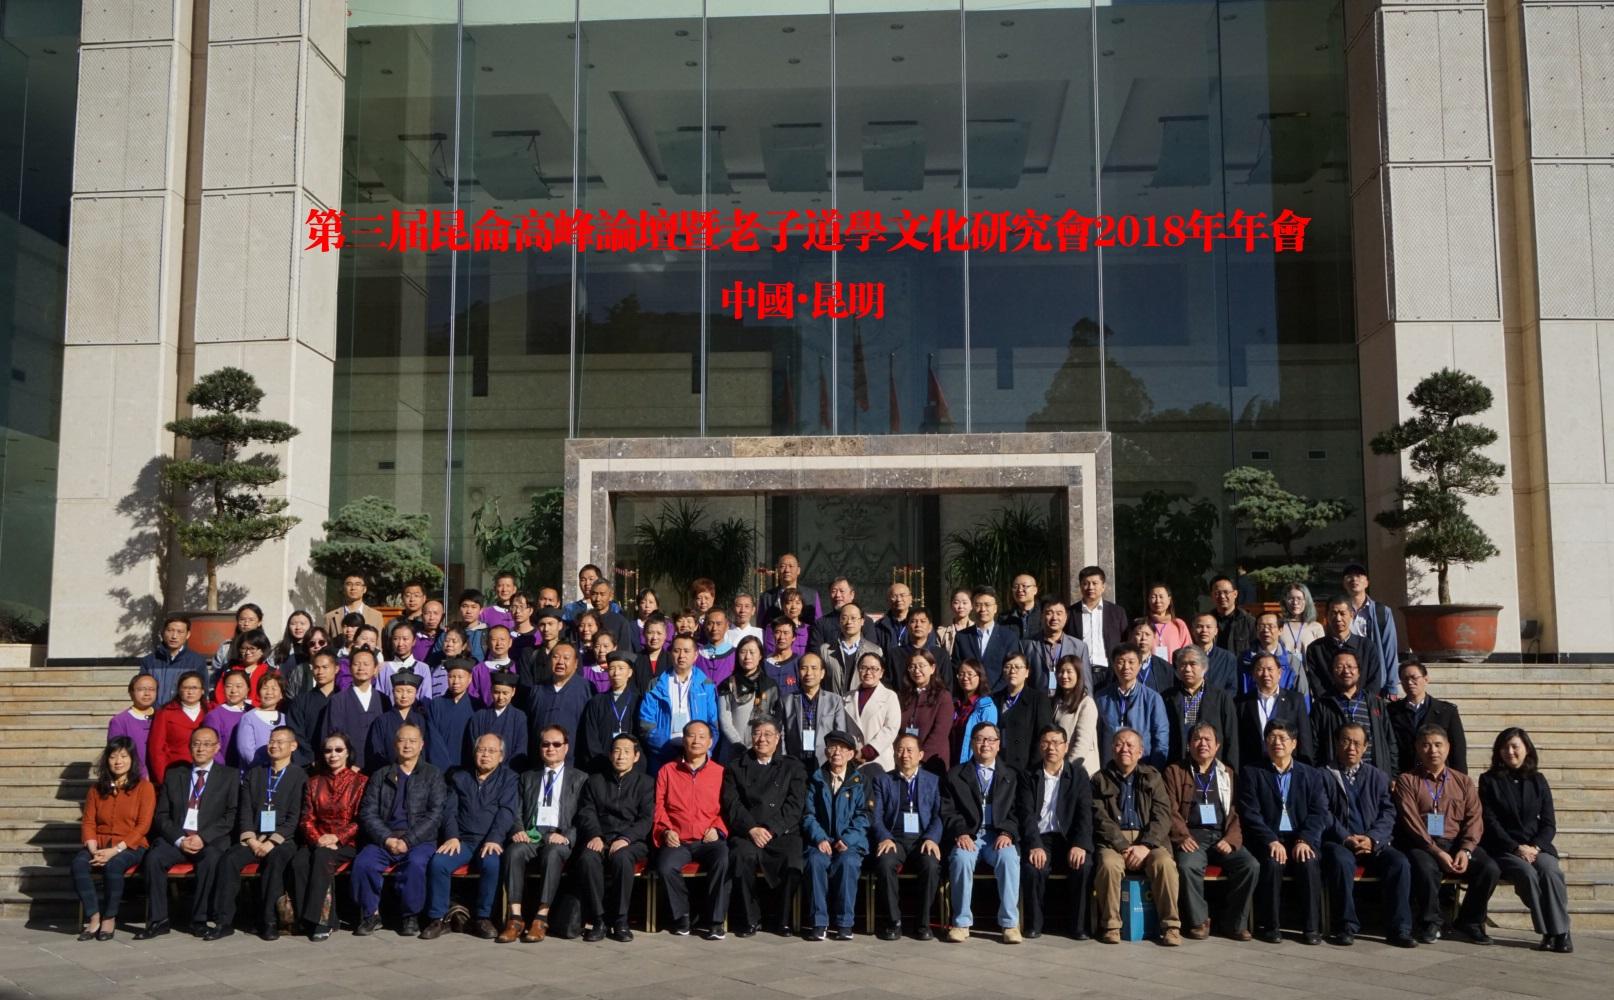 第三届昆仑高峰论坛暨老子道学文化研究会2018年会顺利召开